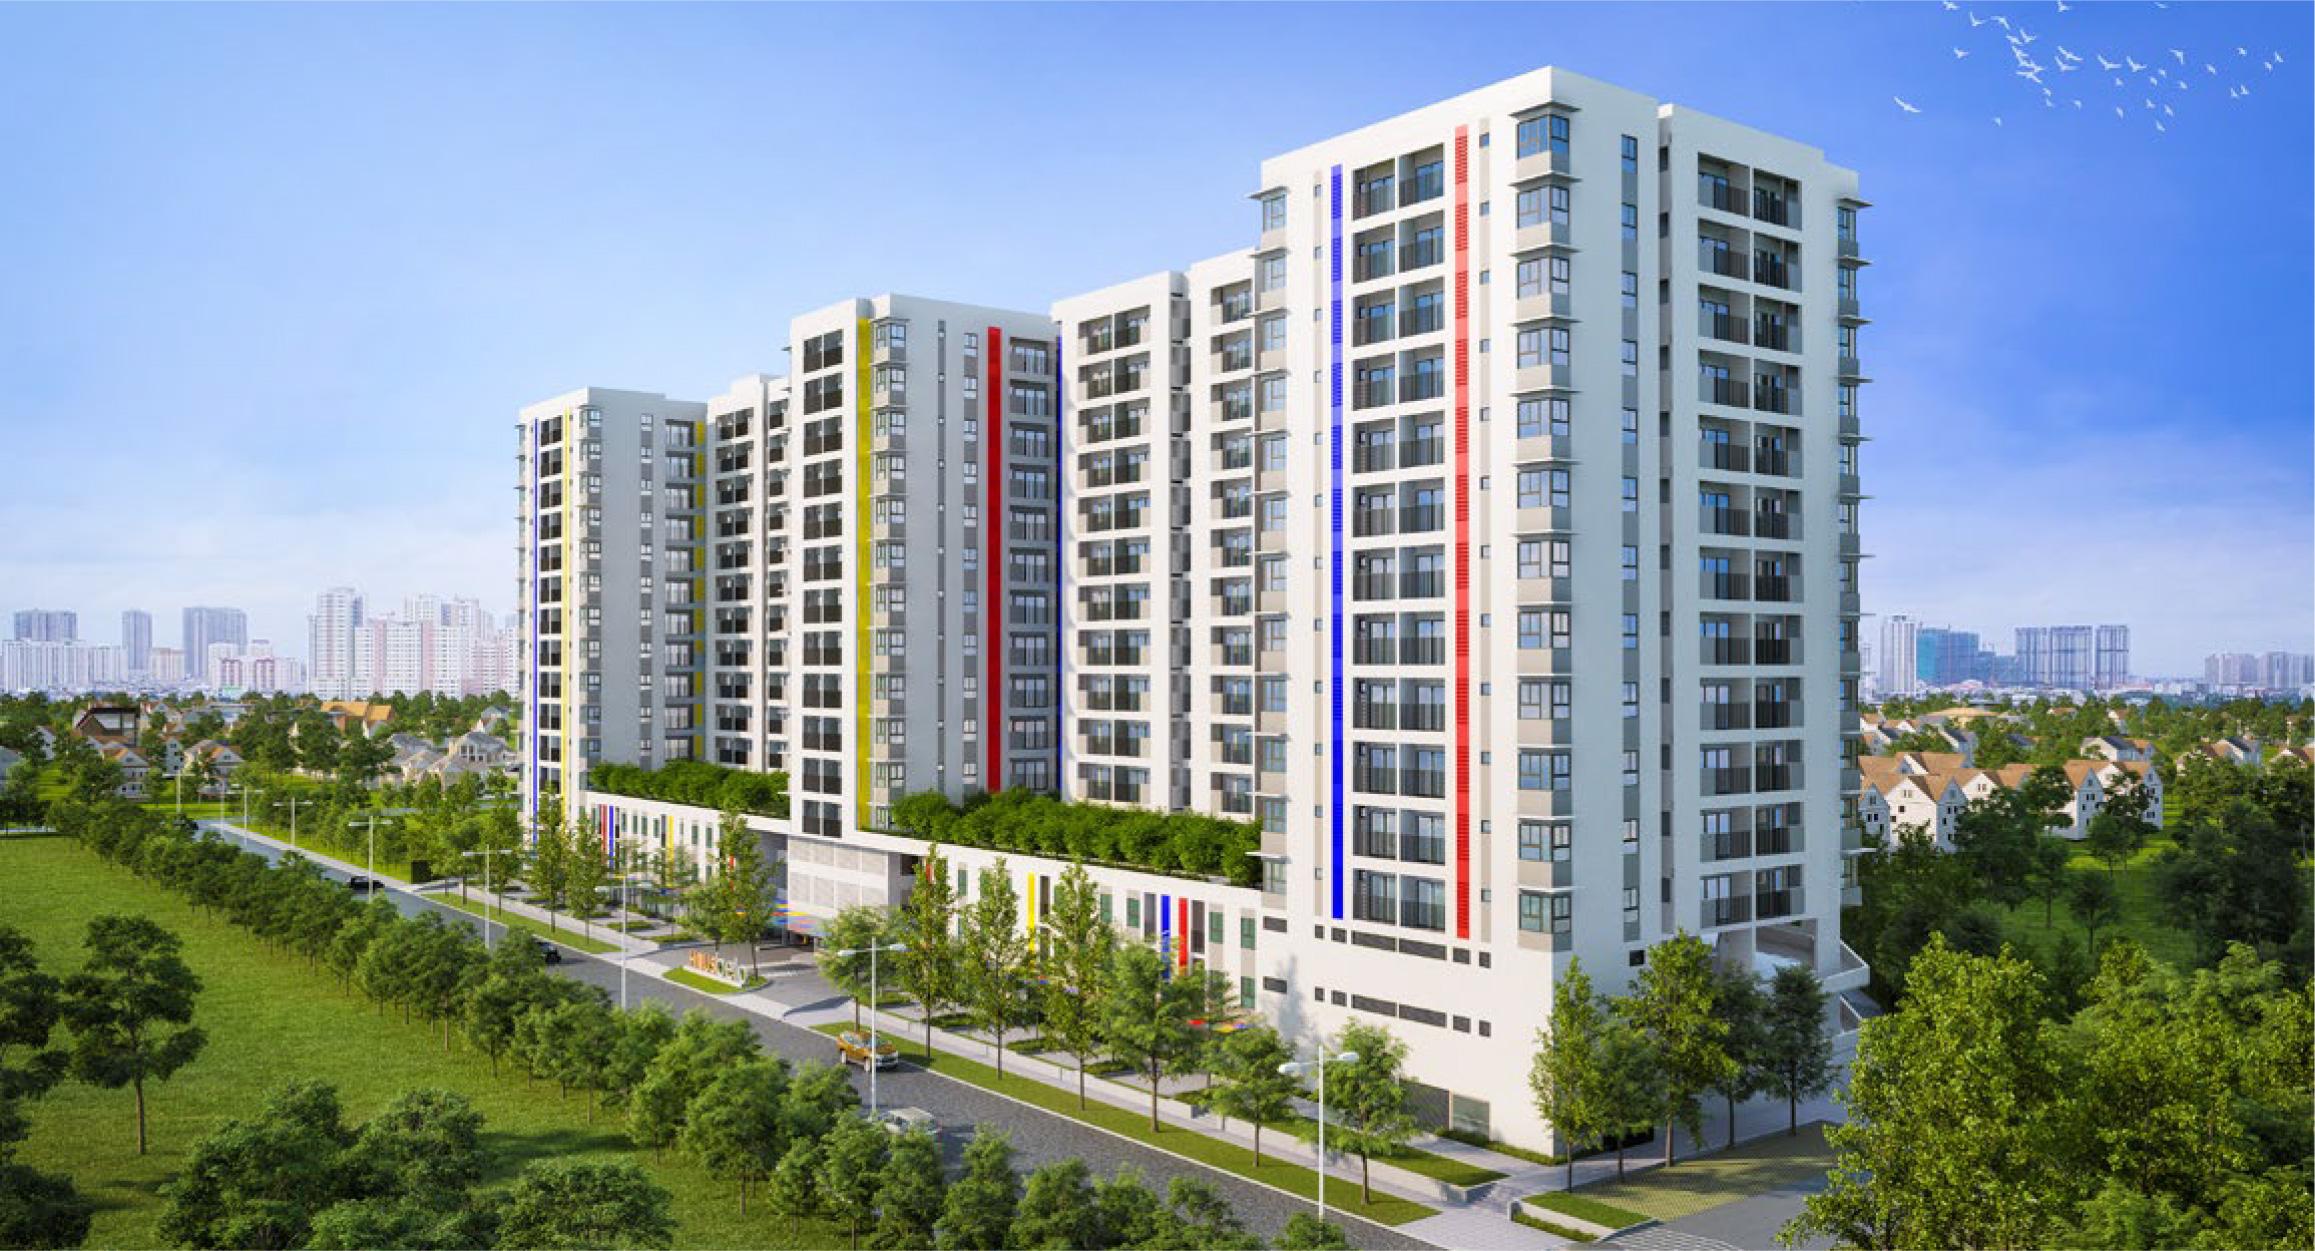 Phối cảnh tổng thể dự án căn hộ Hausbelo quận 9